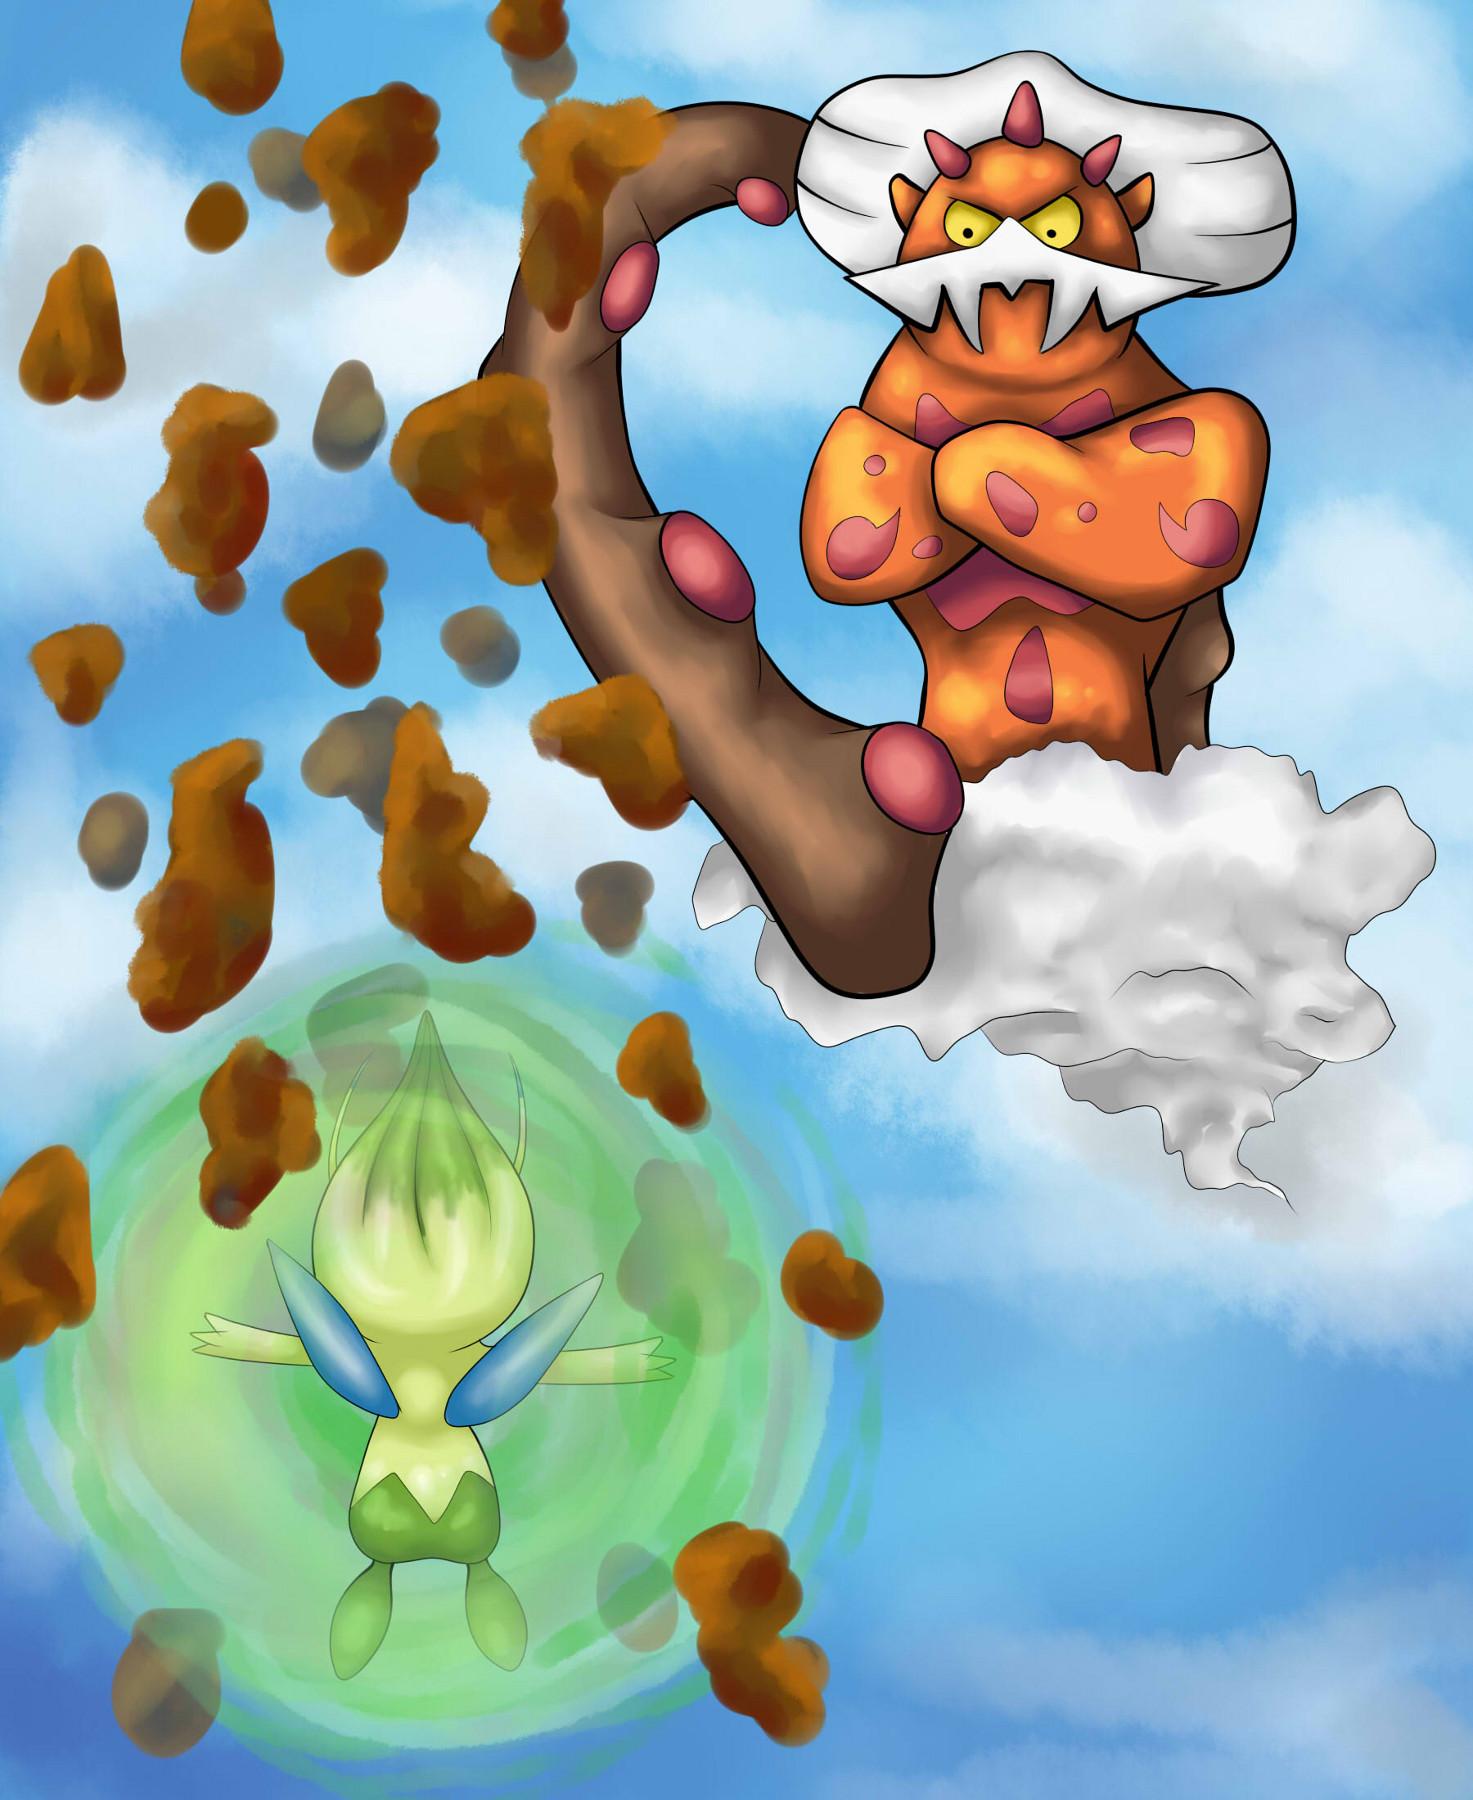 Pokémon-Zeichnung: Celebi vs Demeteros